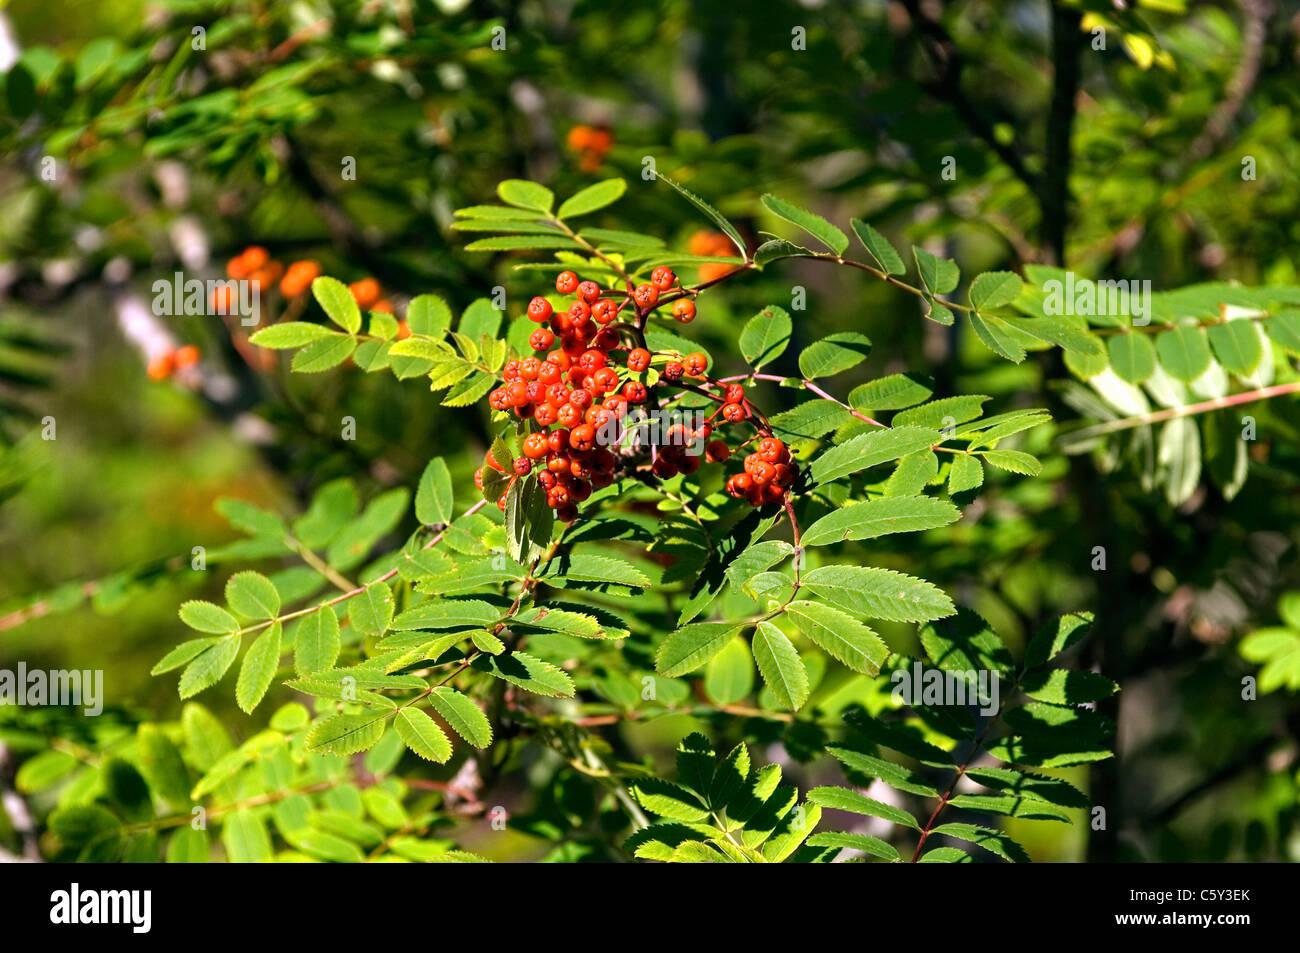 Eberesche (Sorbus Aucuparia) auch bekannt als Eberesche. Rote Früchte Beeren, Blätter. Schottland Stockbild